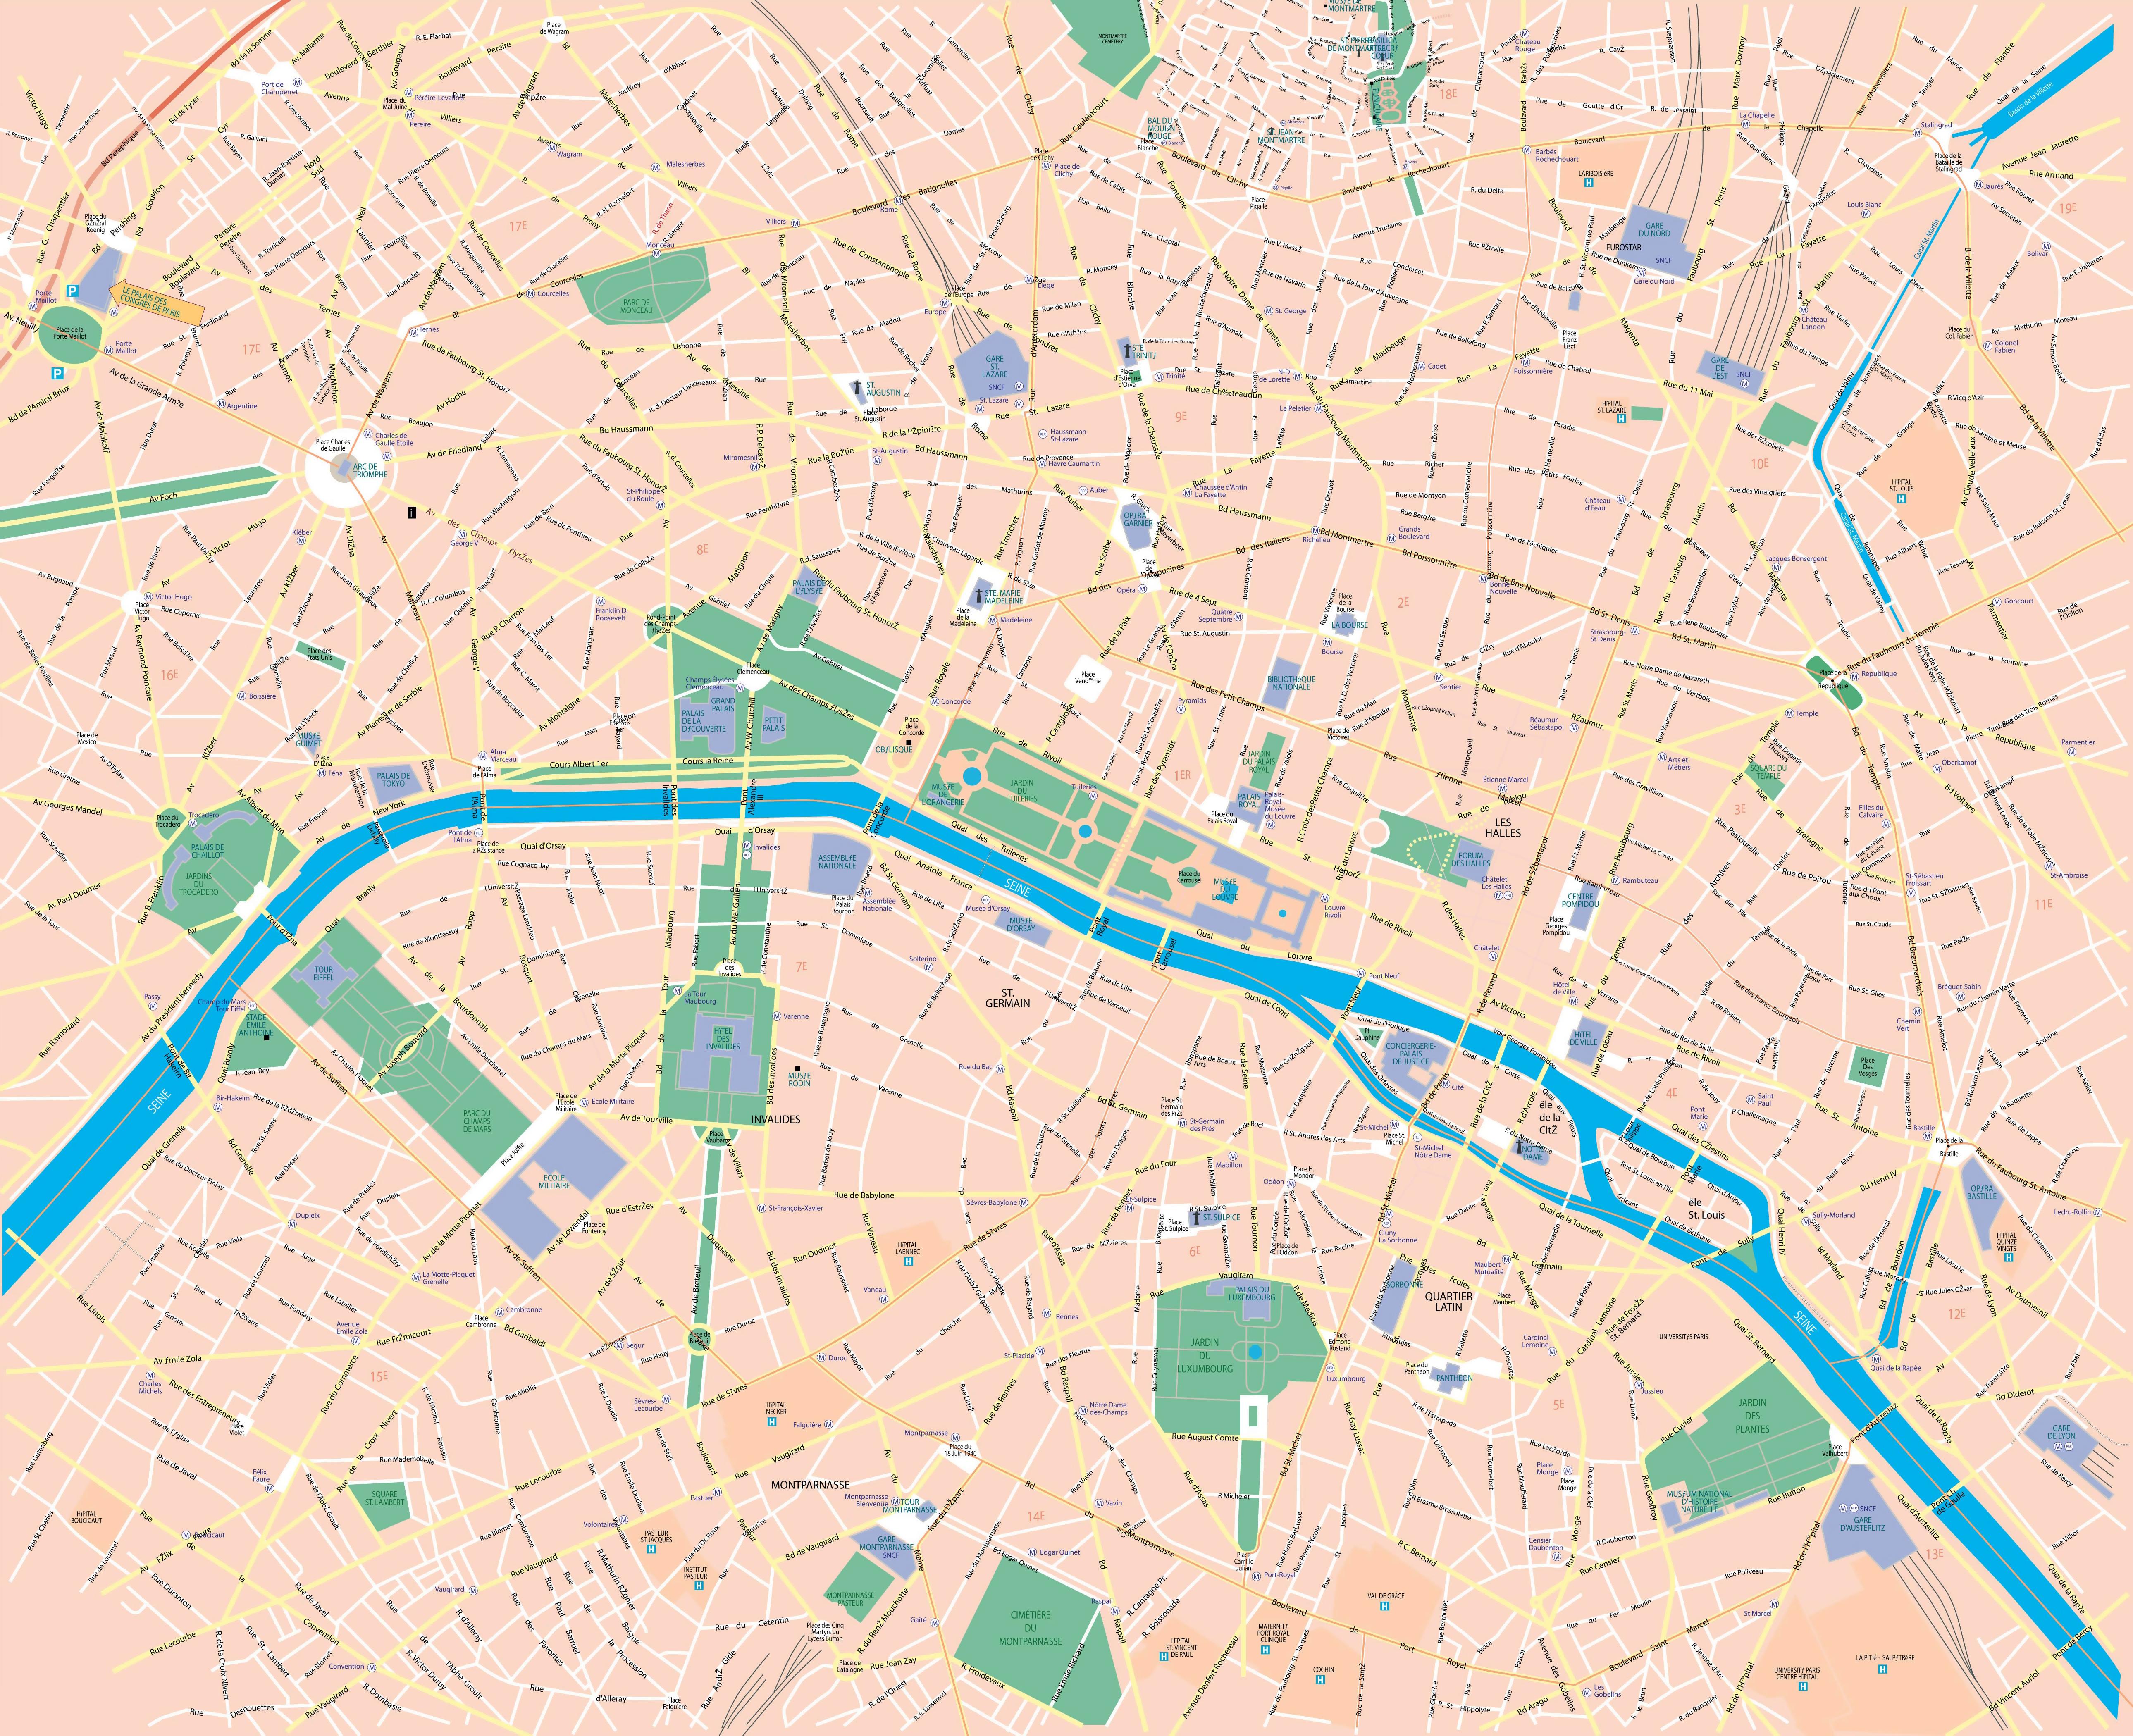 Large Scale Road Map Of Central Part Of Paris City Vidianicom - Paris road map